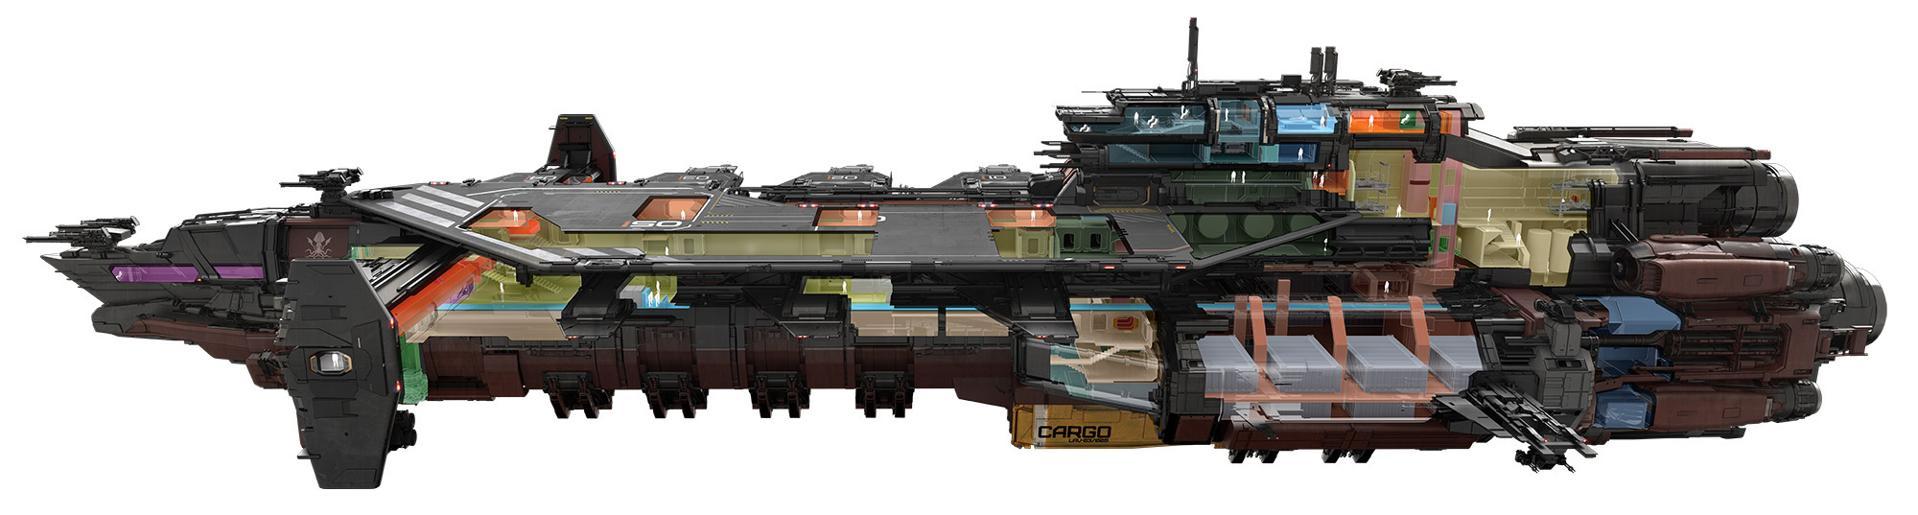 kraken Ship